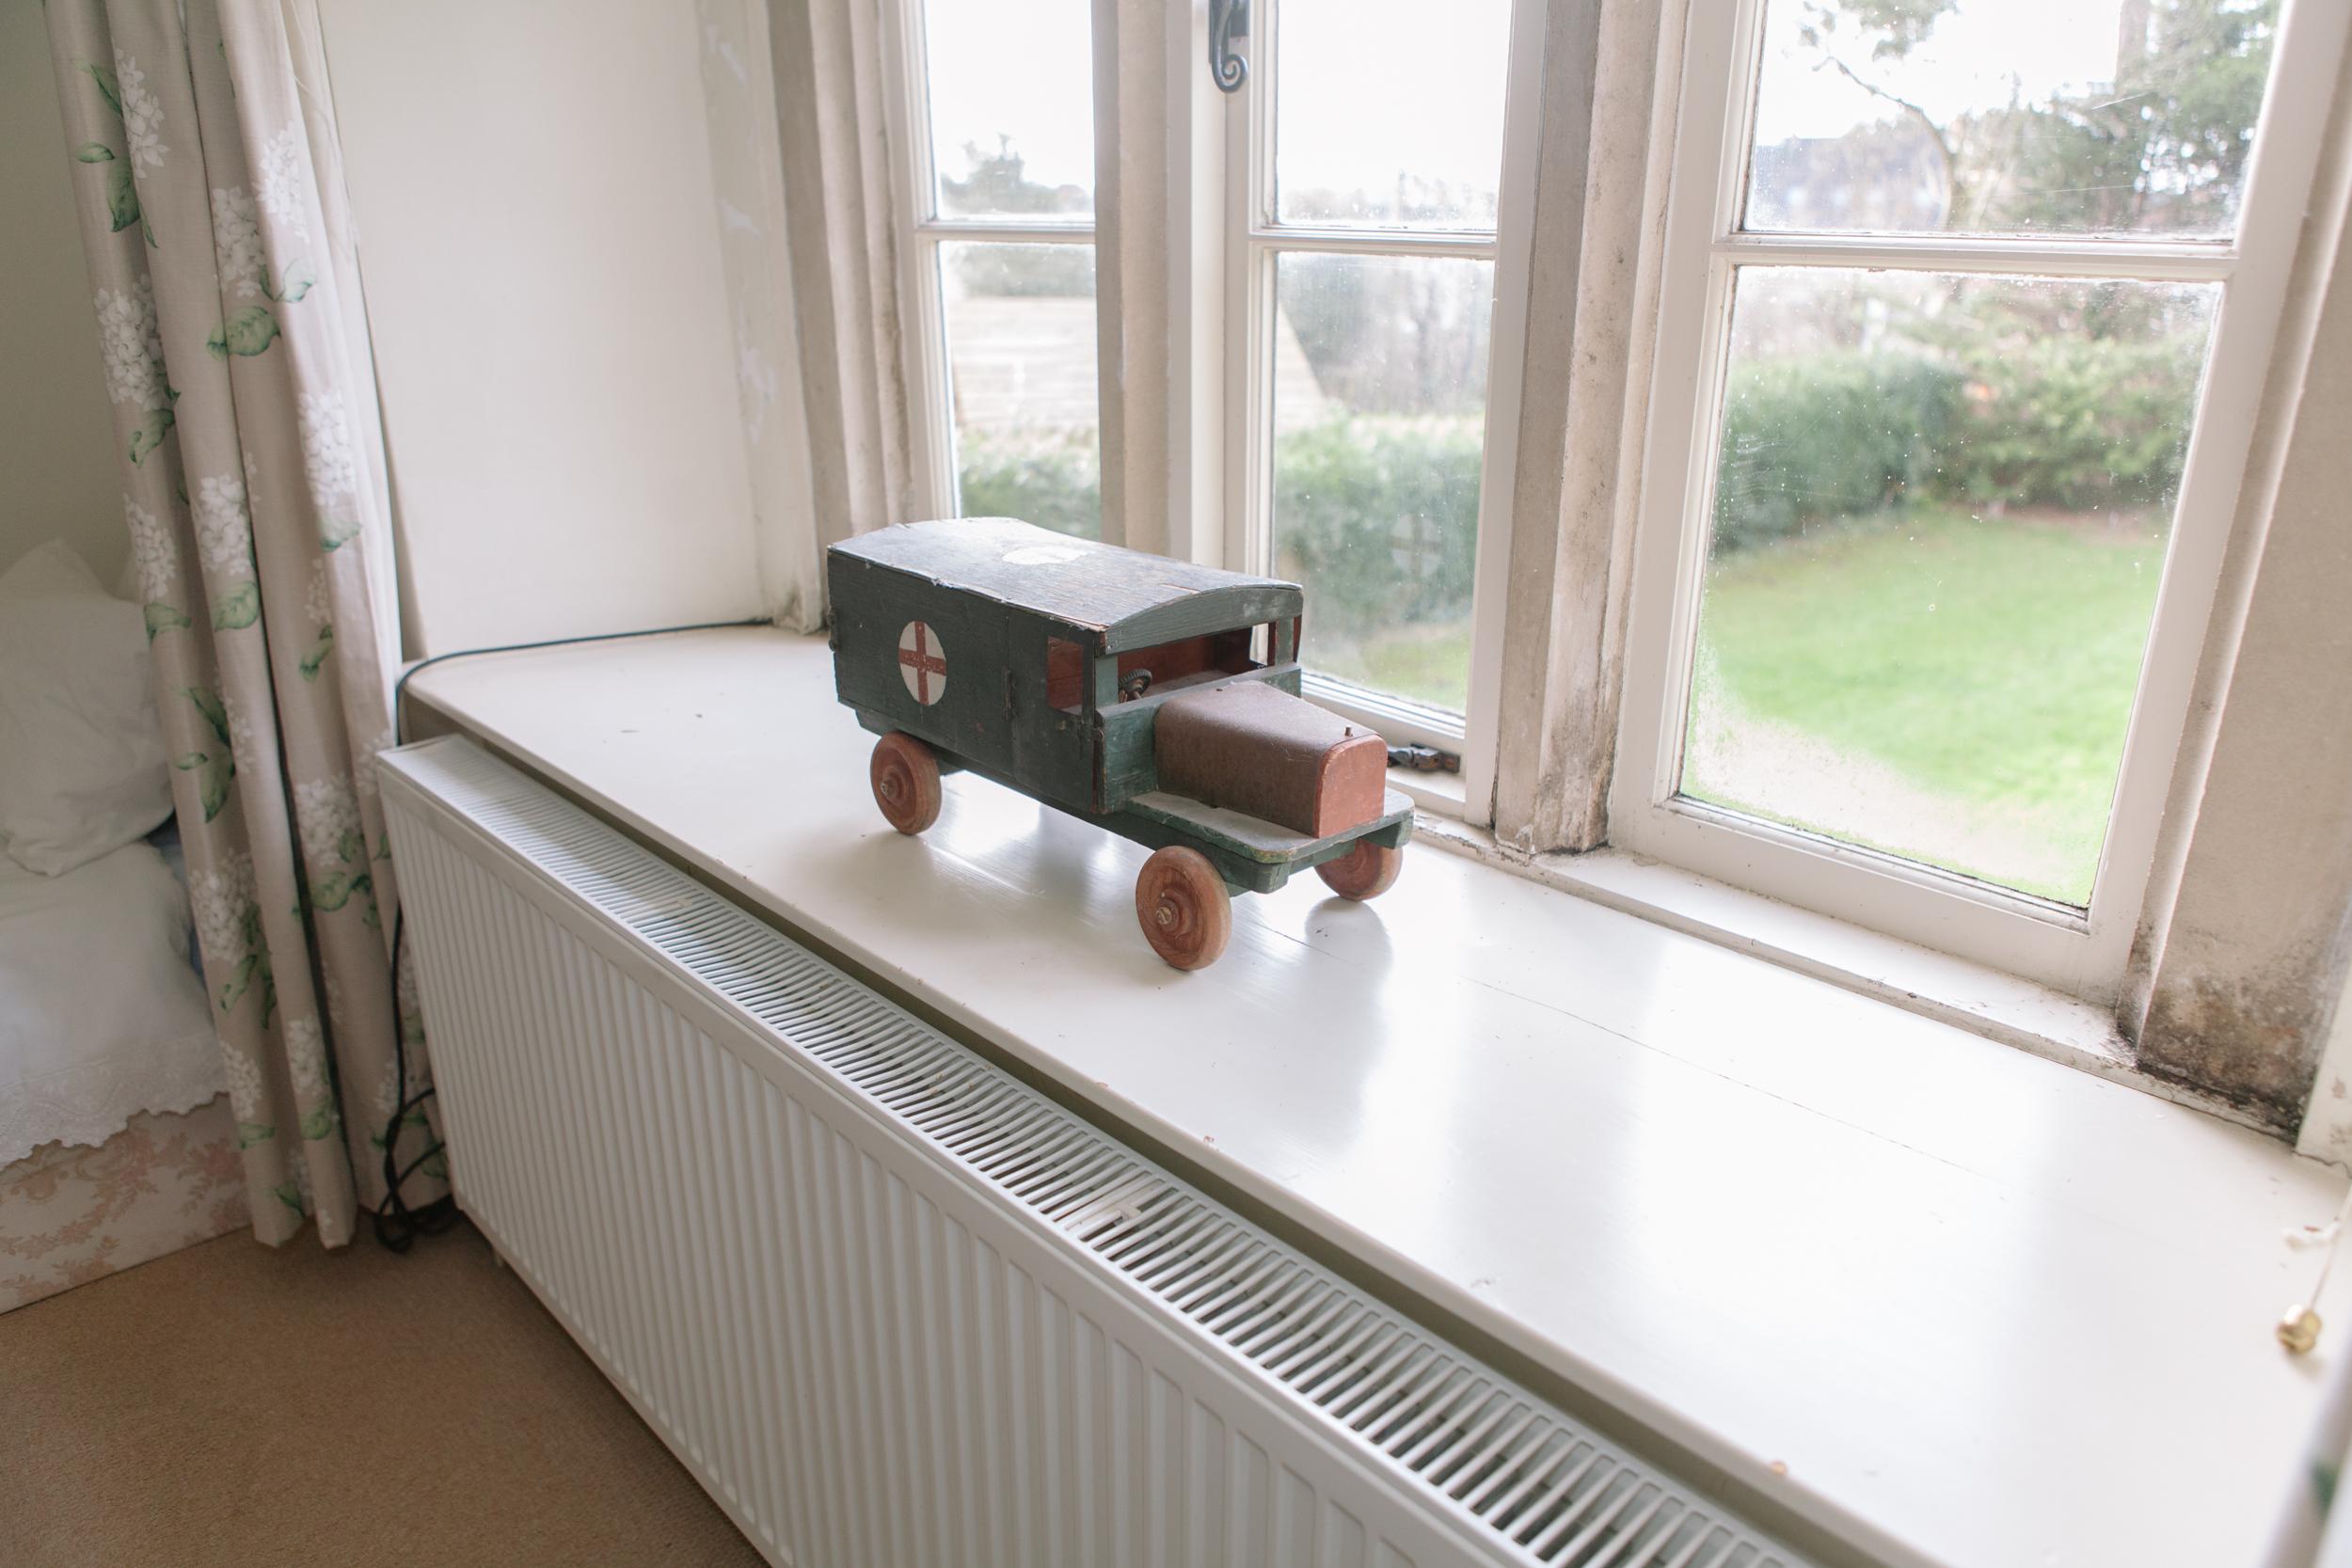 Pennleigh_Welton Manor Farm-30.jpg